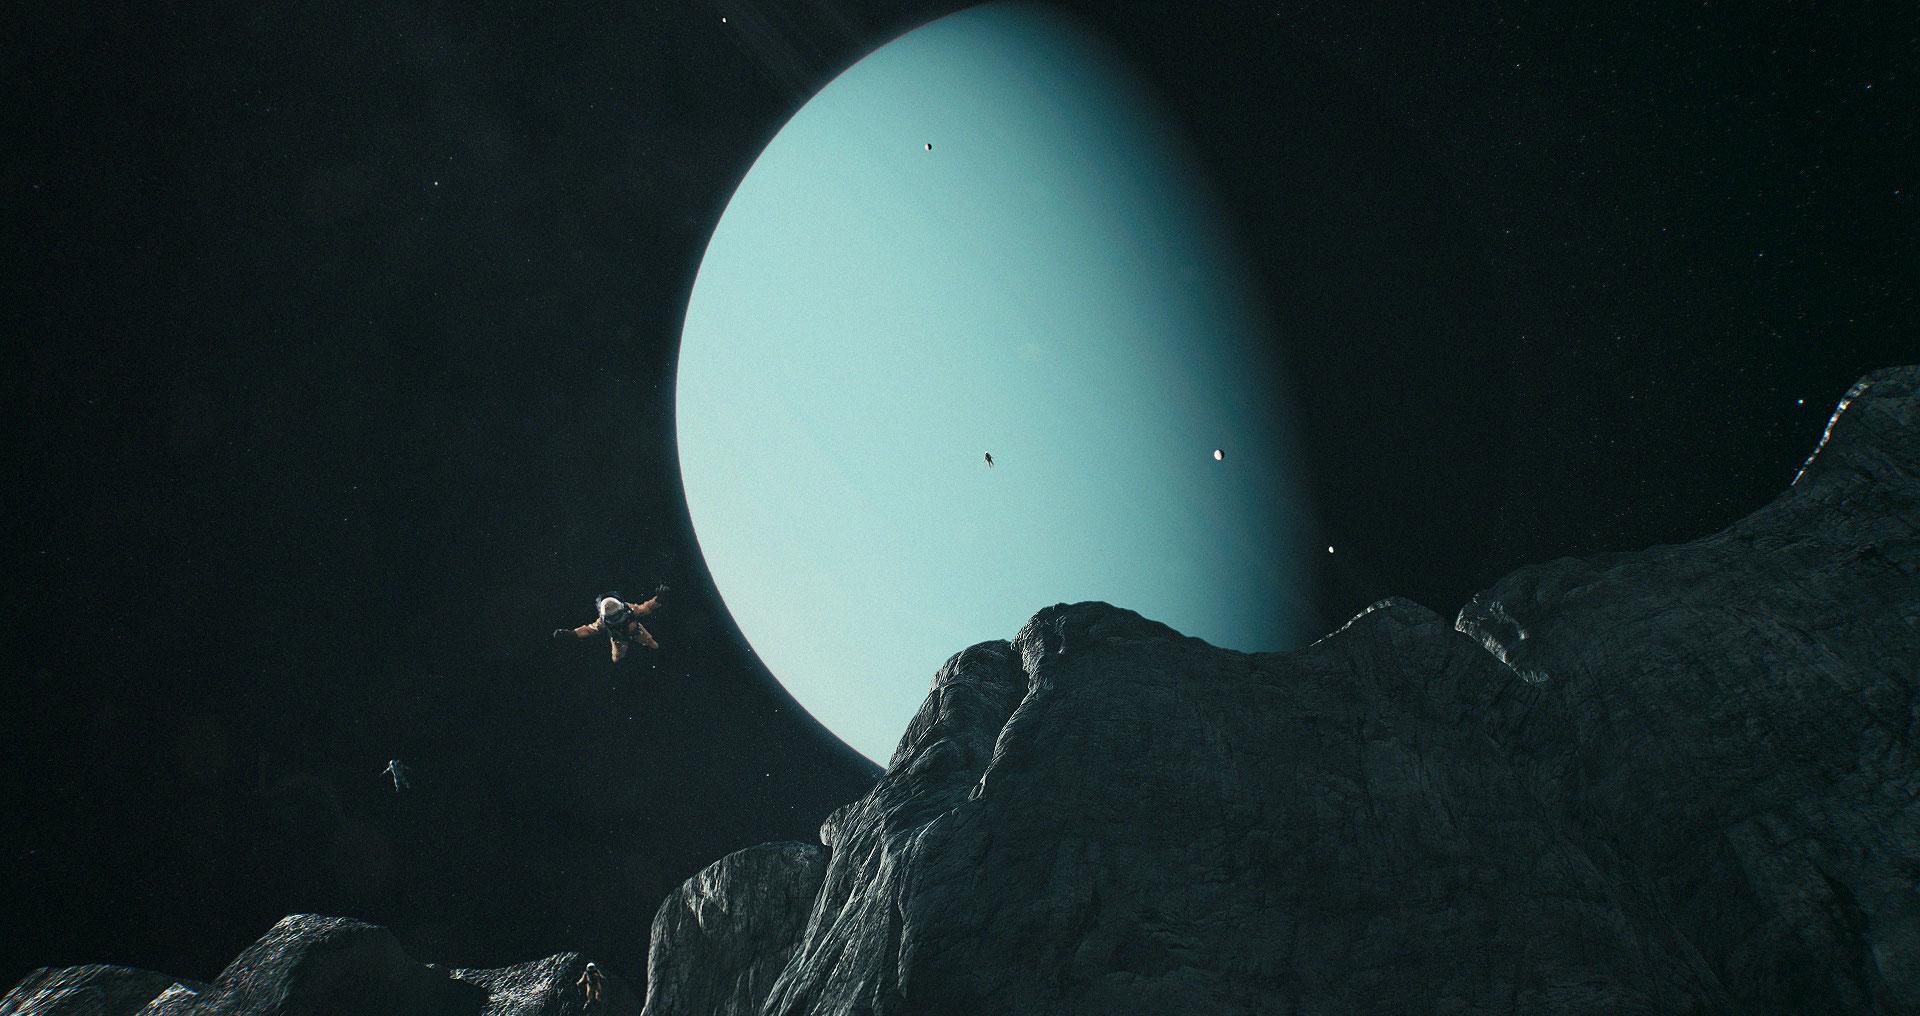 Saltando do abismo em Miranda, lua de Urano! Radical!